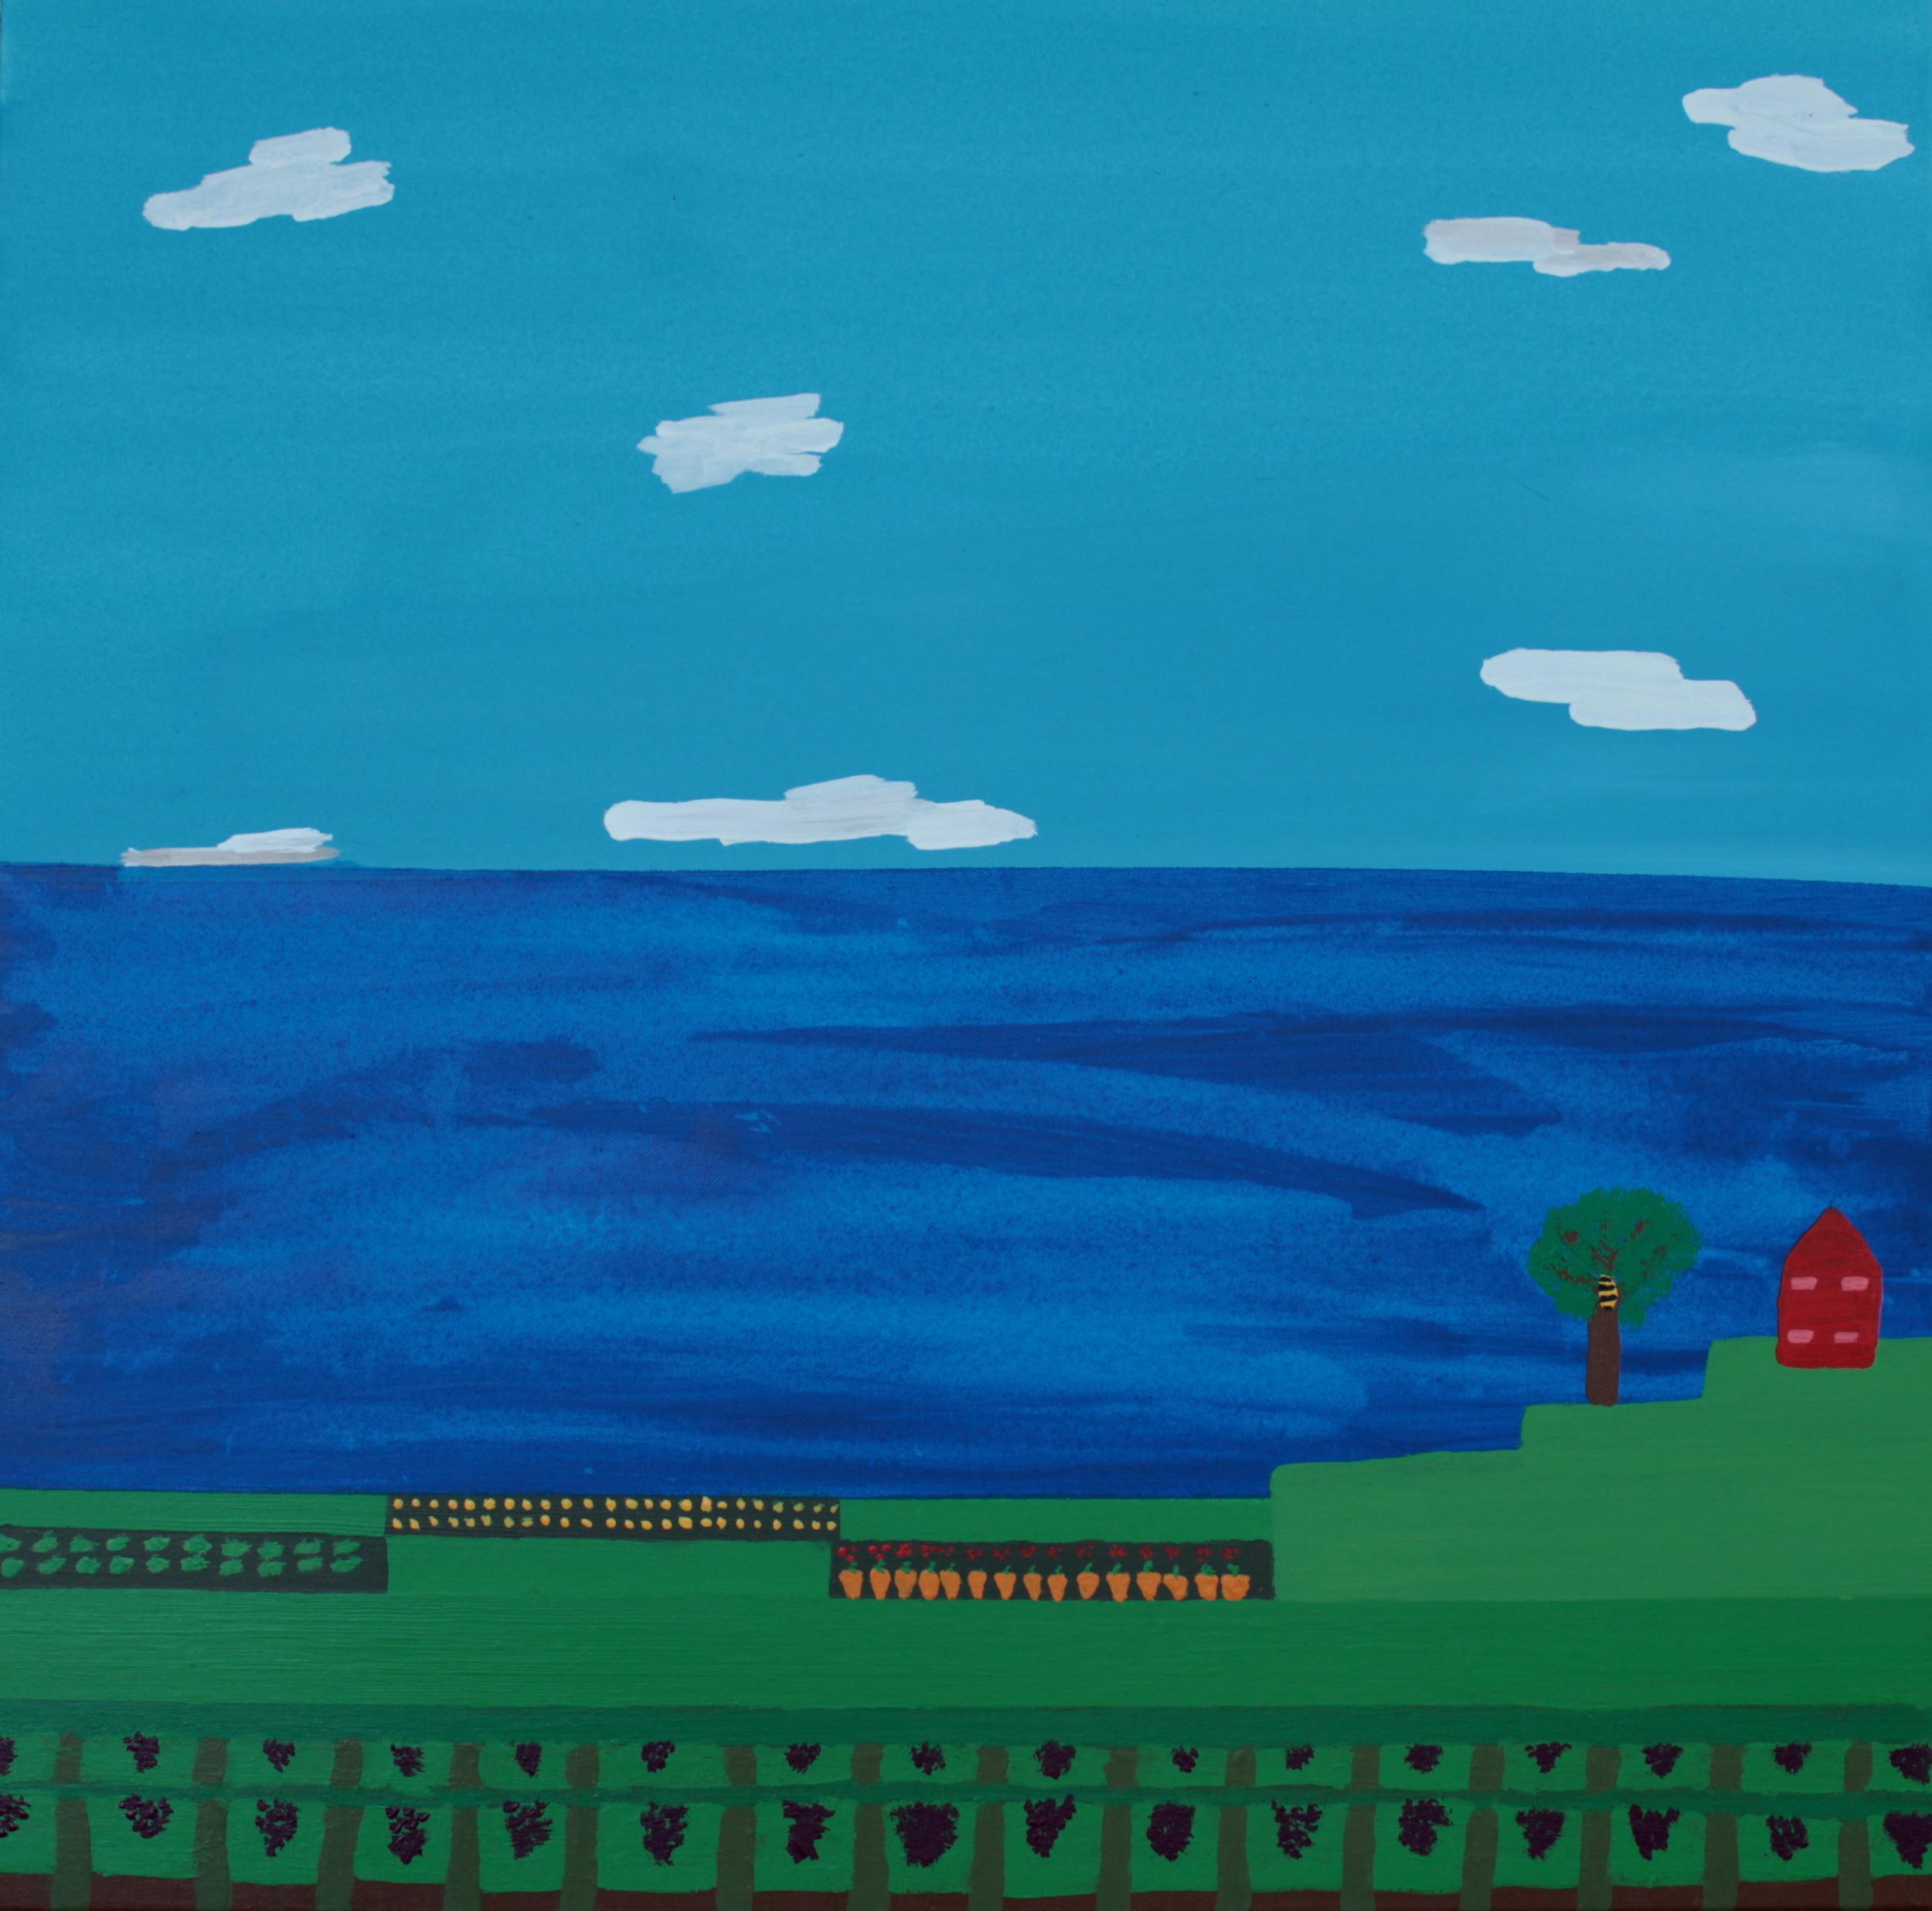 BEEHIVE ON A FARM, ACRYLIC ON CANVAS, 76 X 76CM